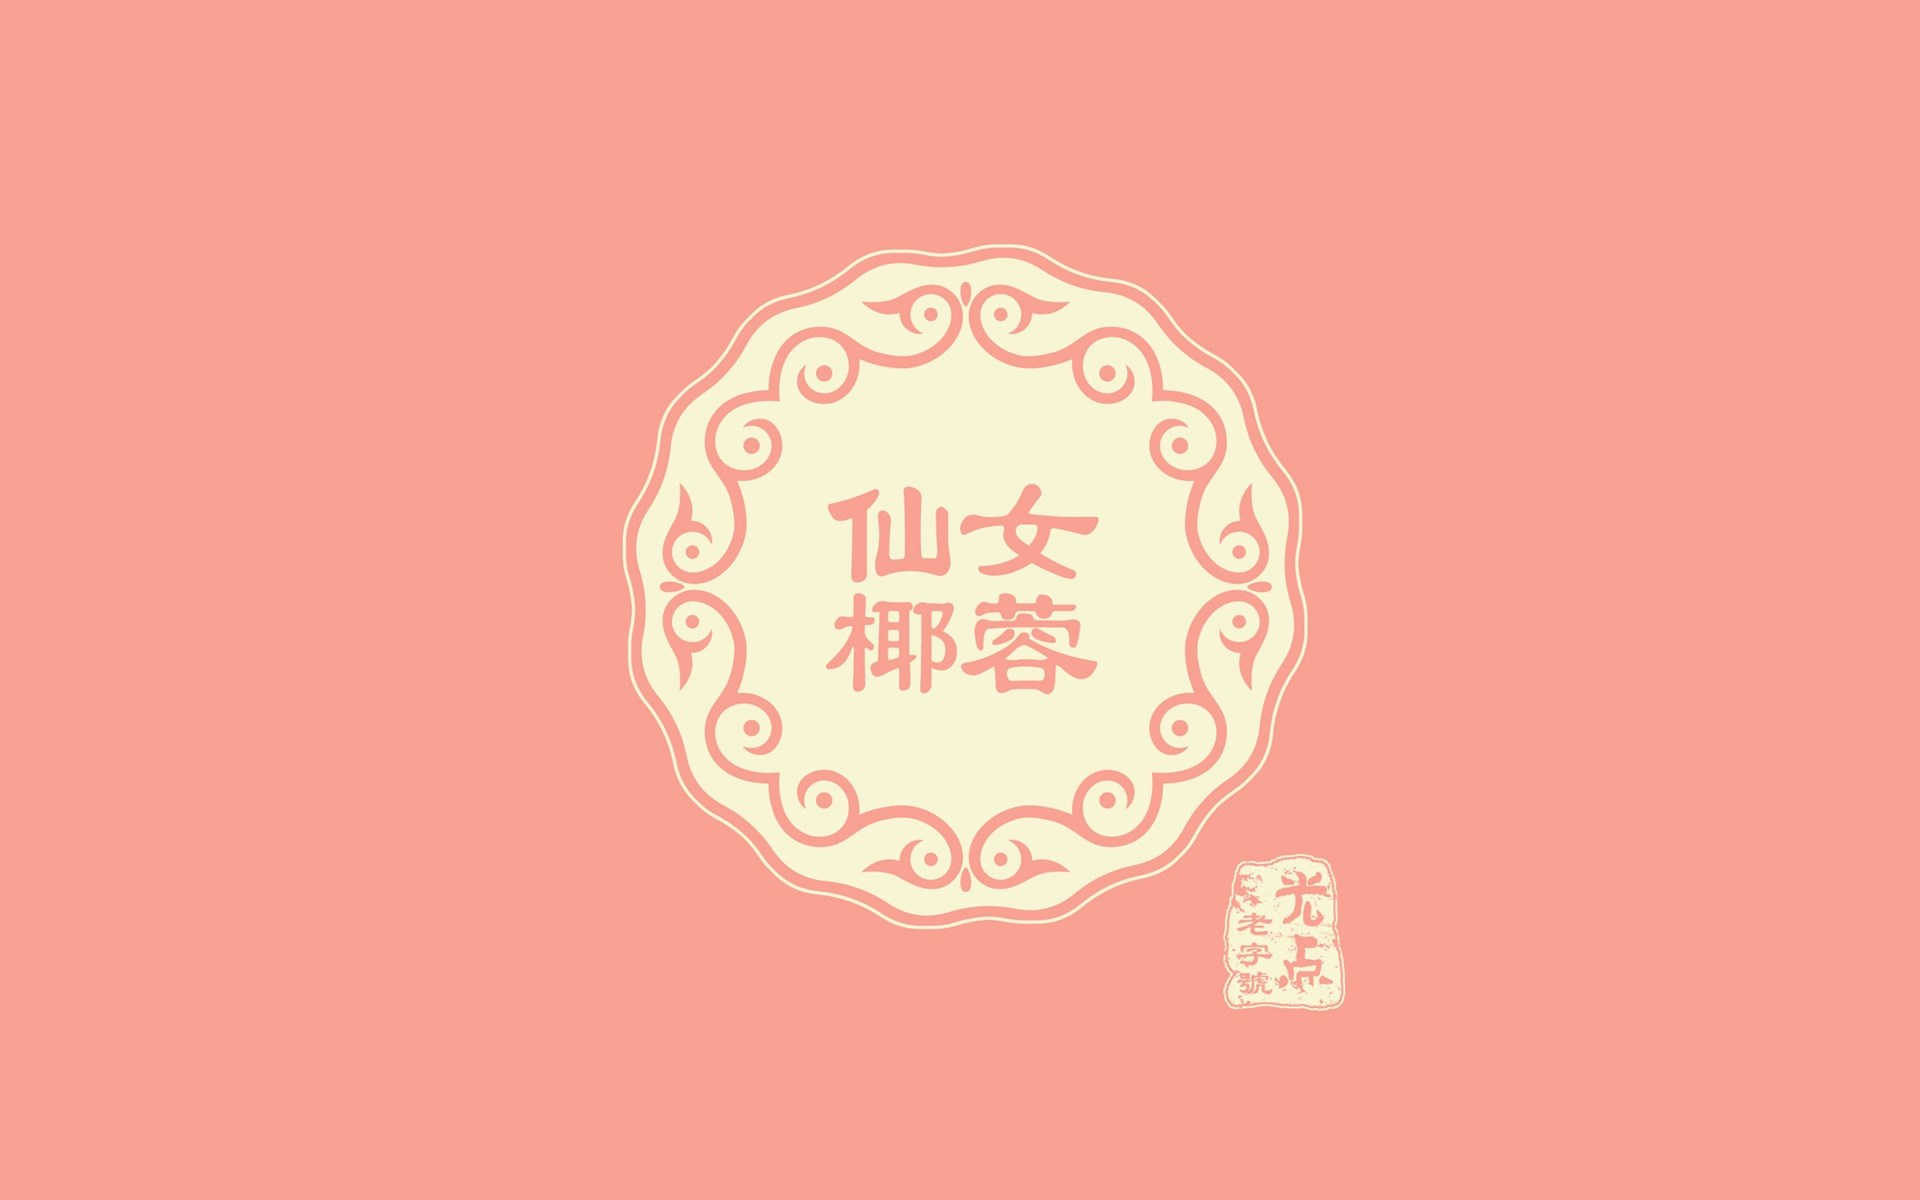 """御食园月饼营销策划PPT模板:这是一个关于御食园月饼营销策划PPT模板,主要是了解一、2011月饼款式介绍,二、2011月饼主题推广方案,三、2011月饼任务分解、铺市进度安排及团购政策等介绍。欢迎点击下载御食园月饼营销策划PPT模板哦。北京御食园[1]食品股份有限公司,始建于2001年,是专注于生产和销售北京特产食品及休闲食品的民营股份制食品企业。公司总部位于北京市怀柔区雁栖经济开发区C区。御食园在曹振兴董事长的带领下,秉承""""弘扬京味食品""""的企业理念,以对特色食品独特的理解和创新务实的实干精神,短短"""